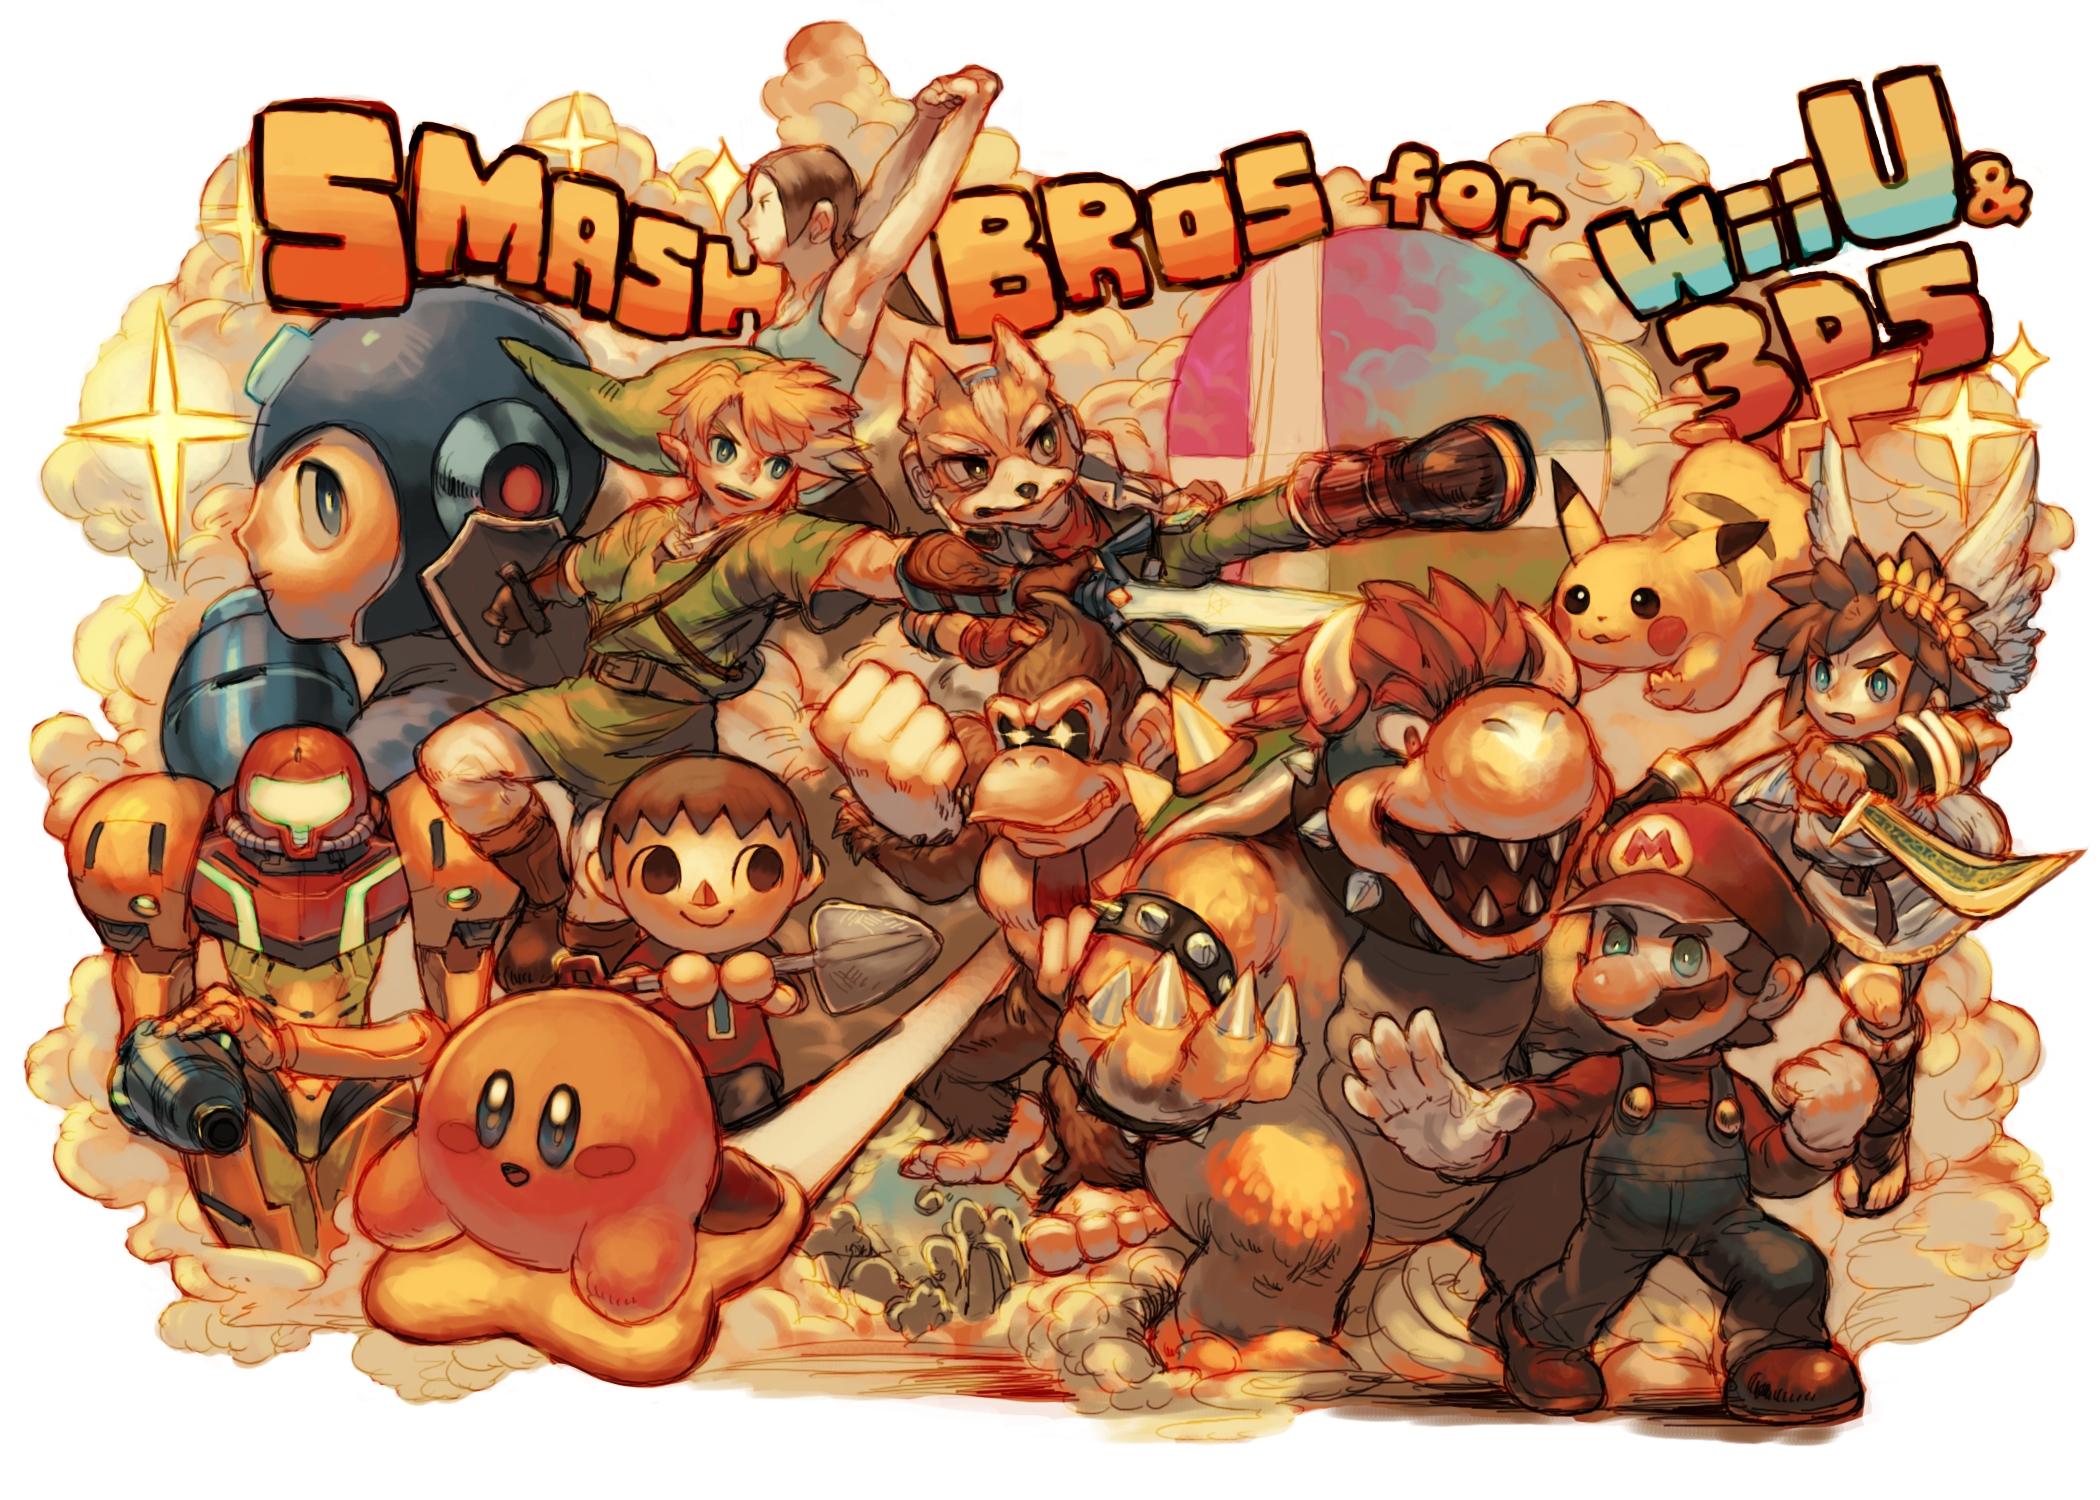 Smash Bros Mario Wallpaper Wallpapersafari